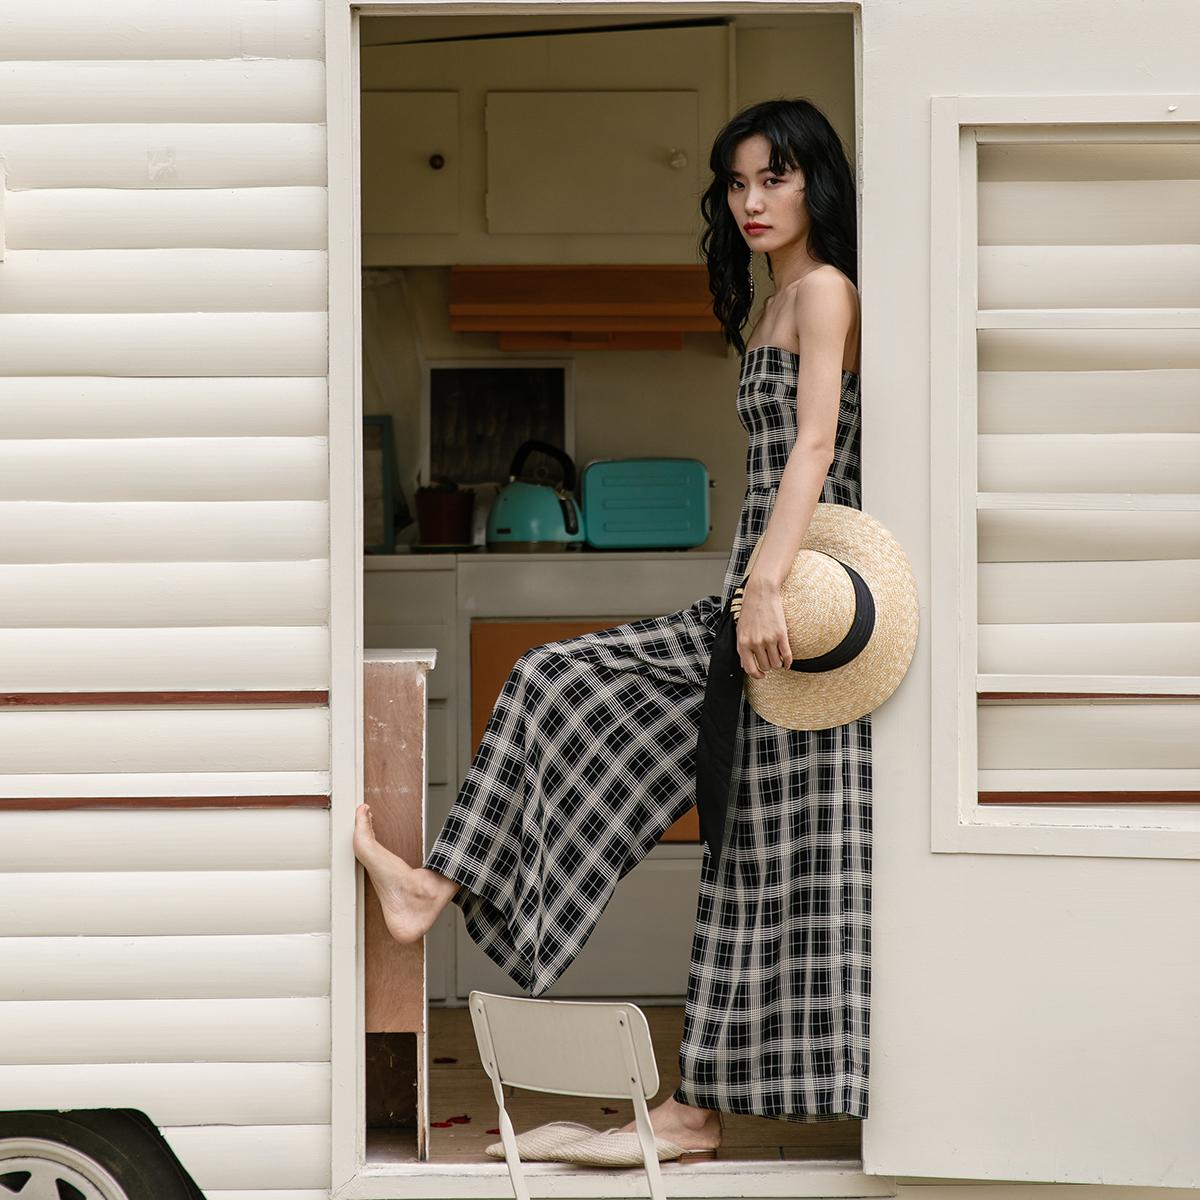 v抹胸抹胸沙滩裤连体女王裤女修身显瘦收腰阔腿裤格子连衣裤长裤